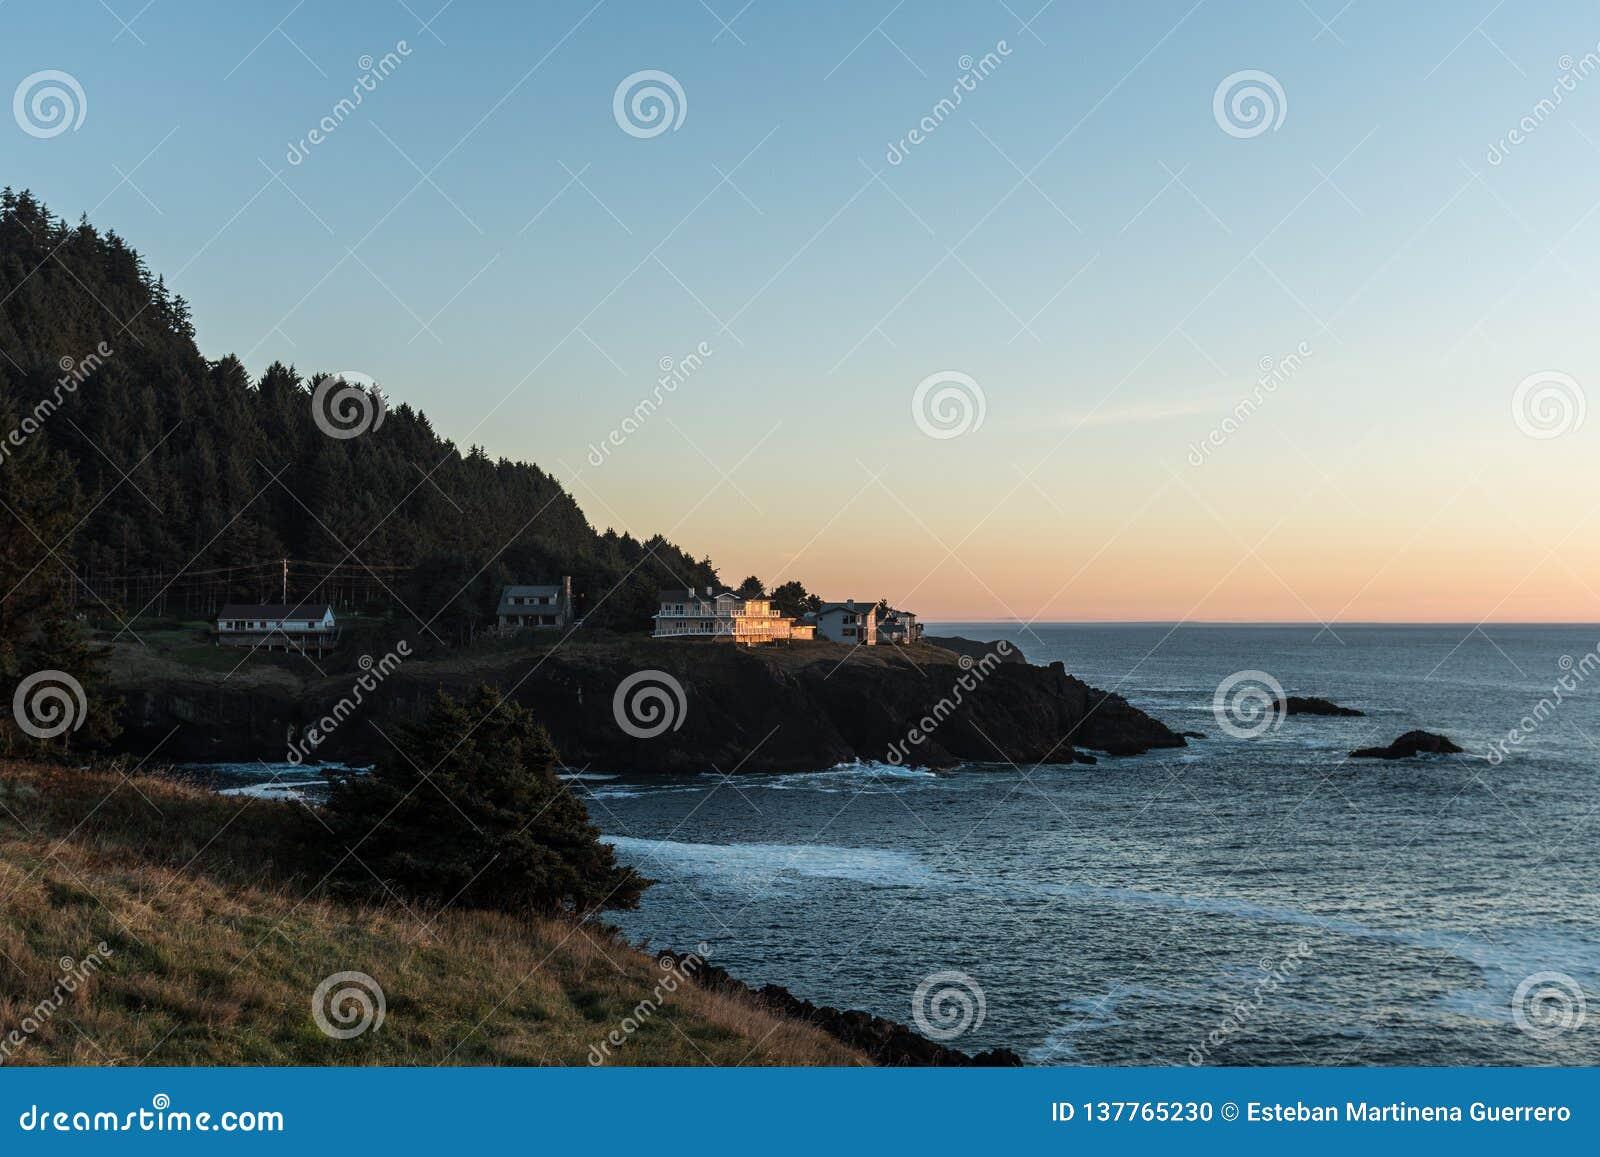 Camere sull orlo di una scogliera al tramonto in una baia dell oceano Pacifico sulla costa dell Oregon, U.S.A.